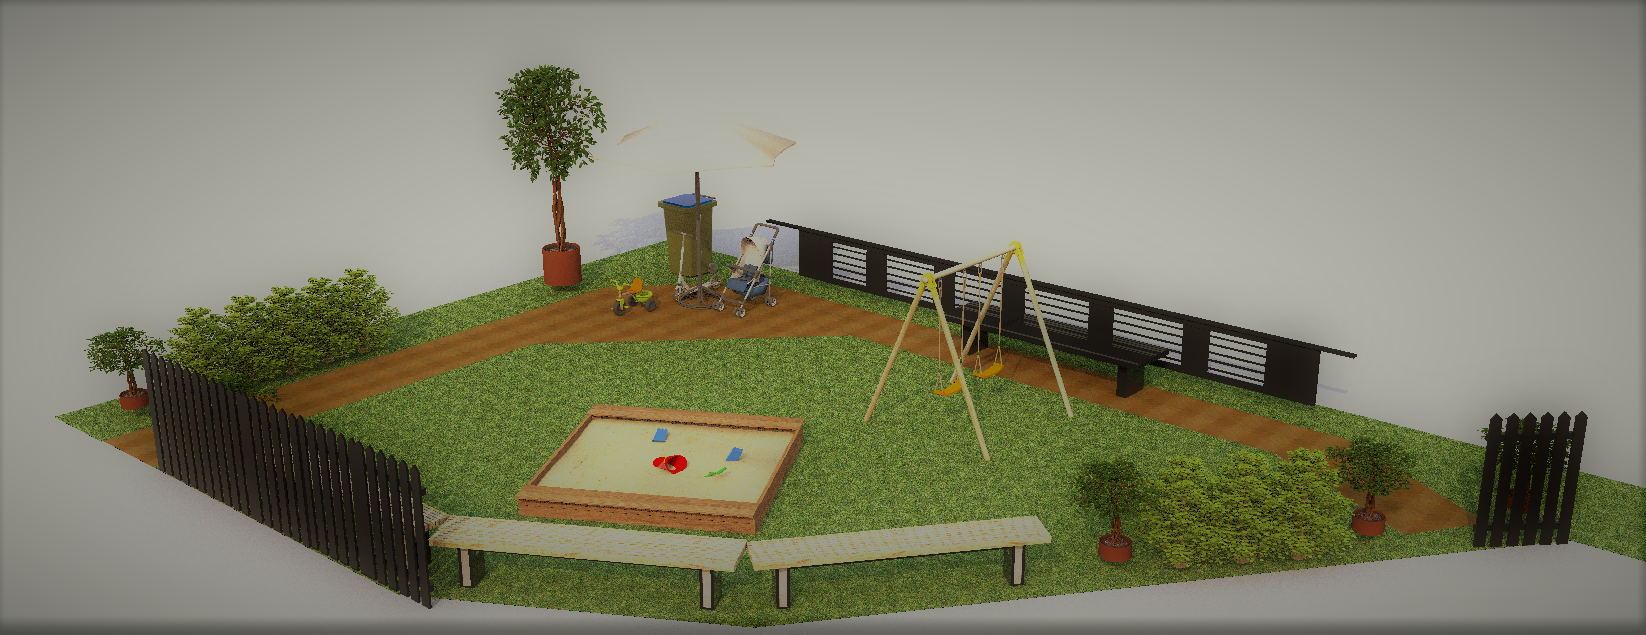 Эскизный проект и визуализация общественного пространства. фото f_4915acf8cbd60590.png